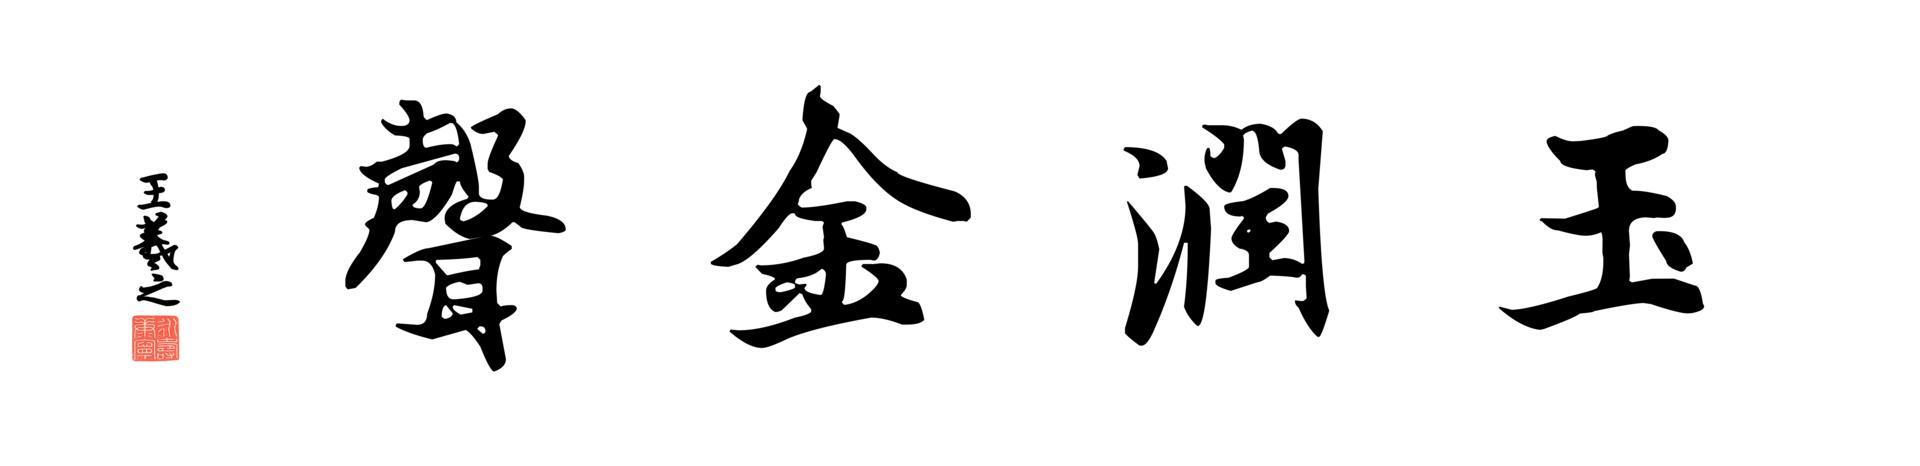 0218_王羲之兰亭体数字书法-四字横幅玉润金声136x33cm_21417x5197PX_TIF_400DPI_326_0